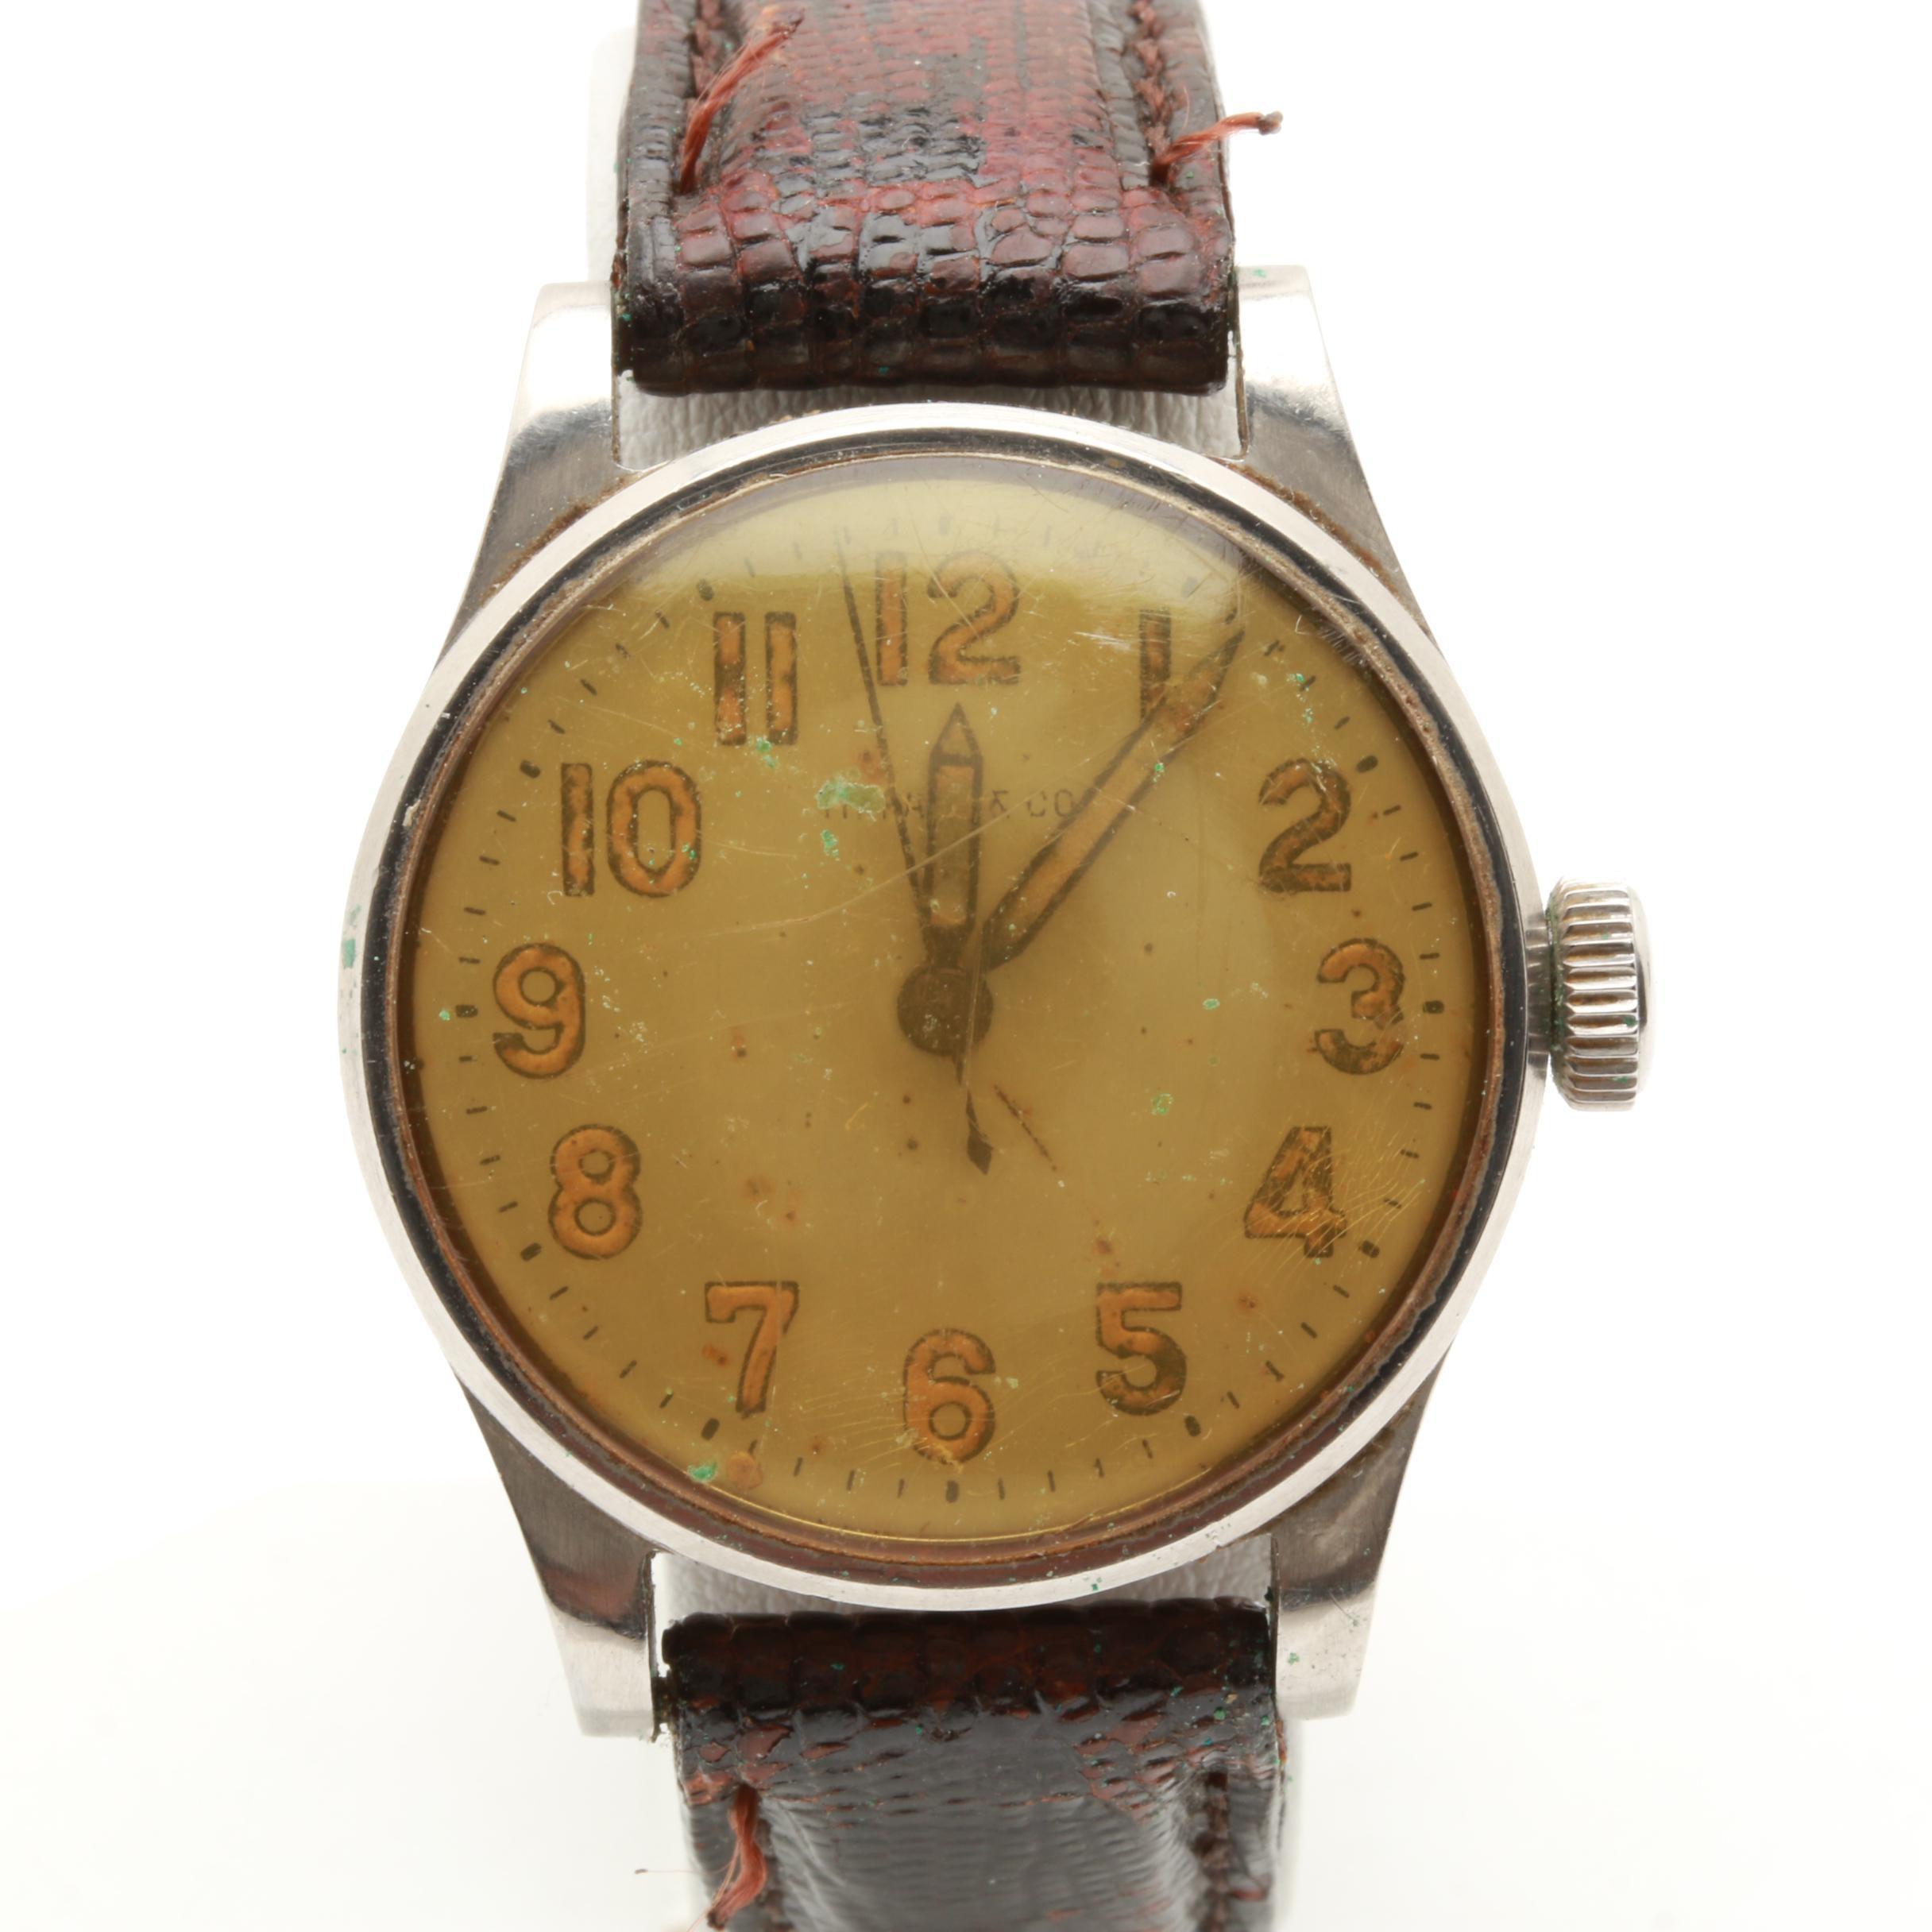 Tiffany & Co. Stainless Steel Analog Wristwatch